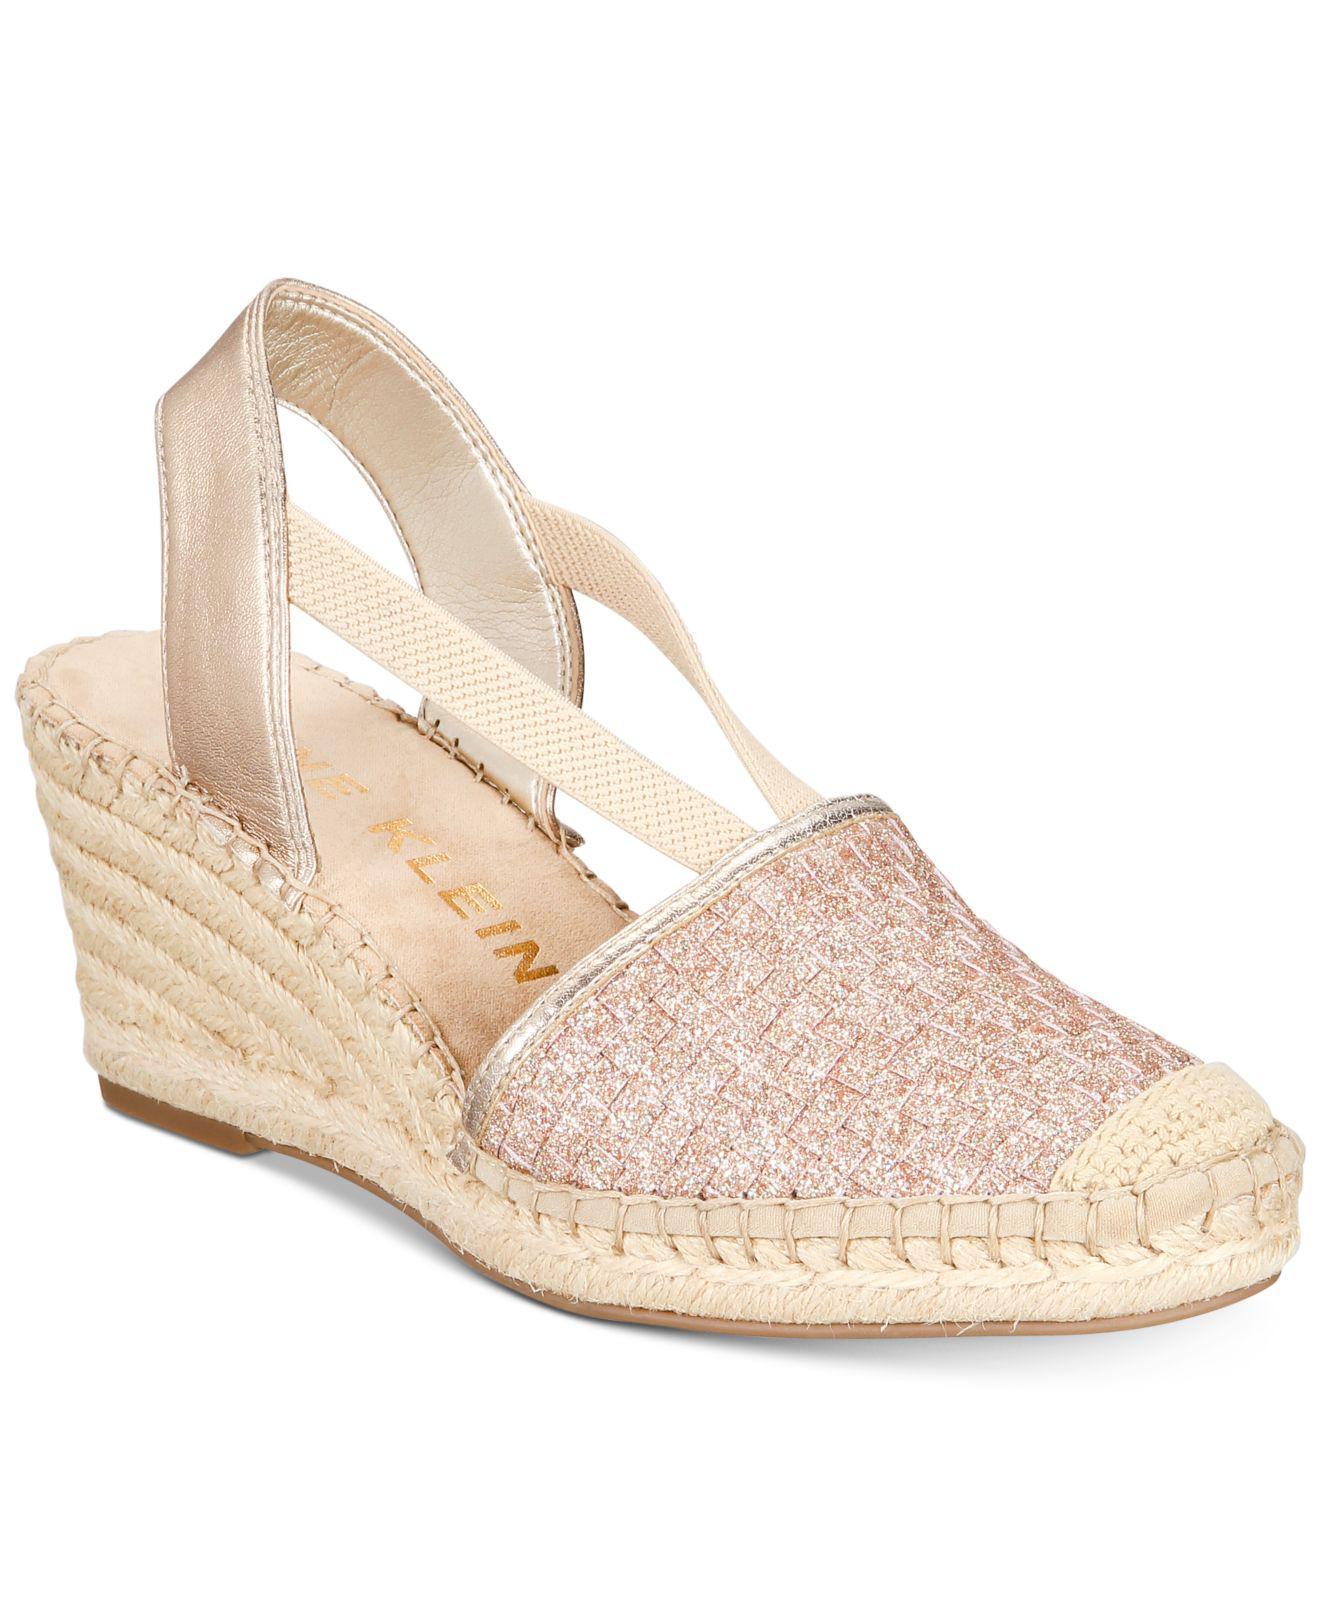 20ef569bfe0 Anne Klein. Women s Aneesa Wedge Sandals